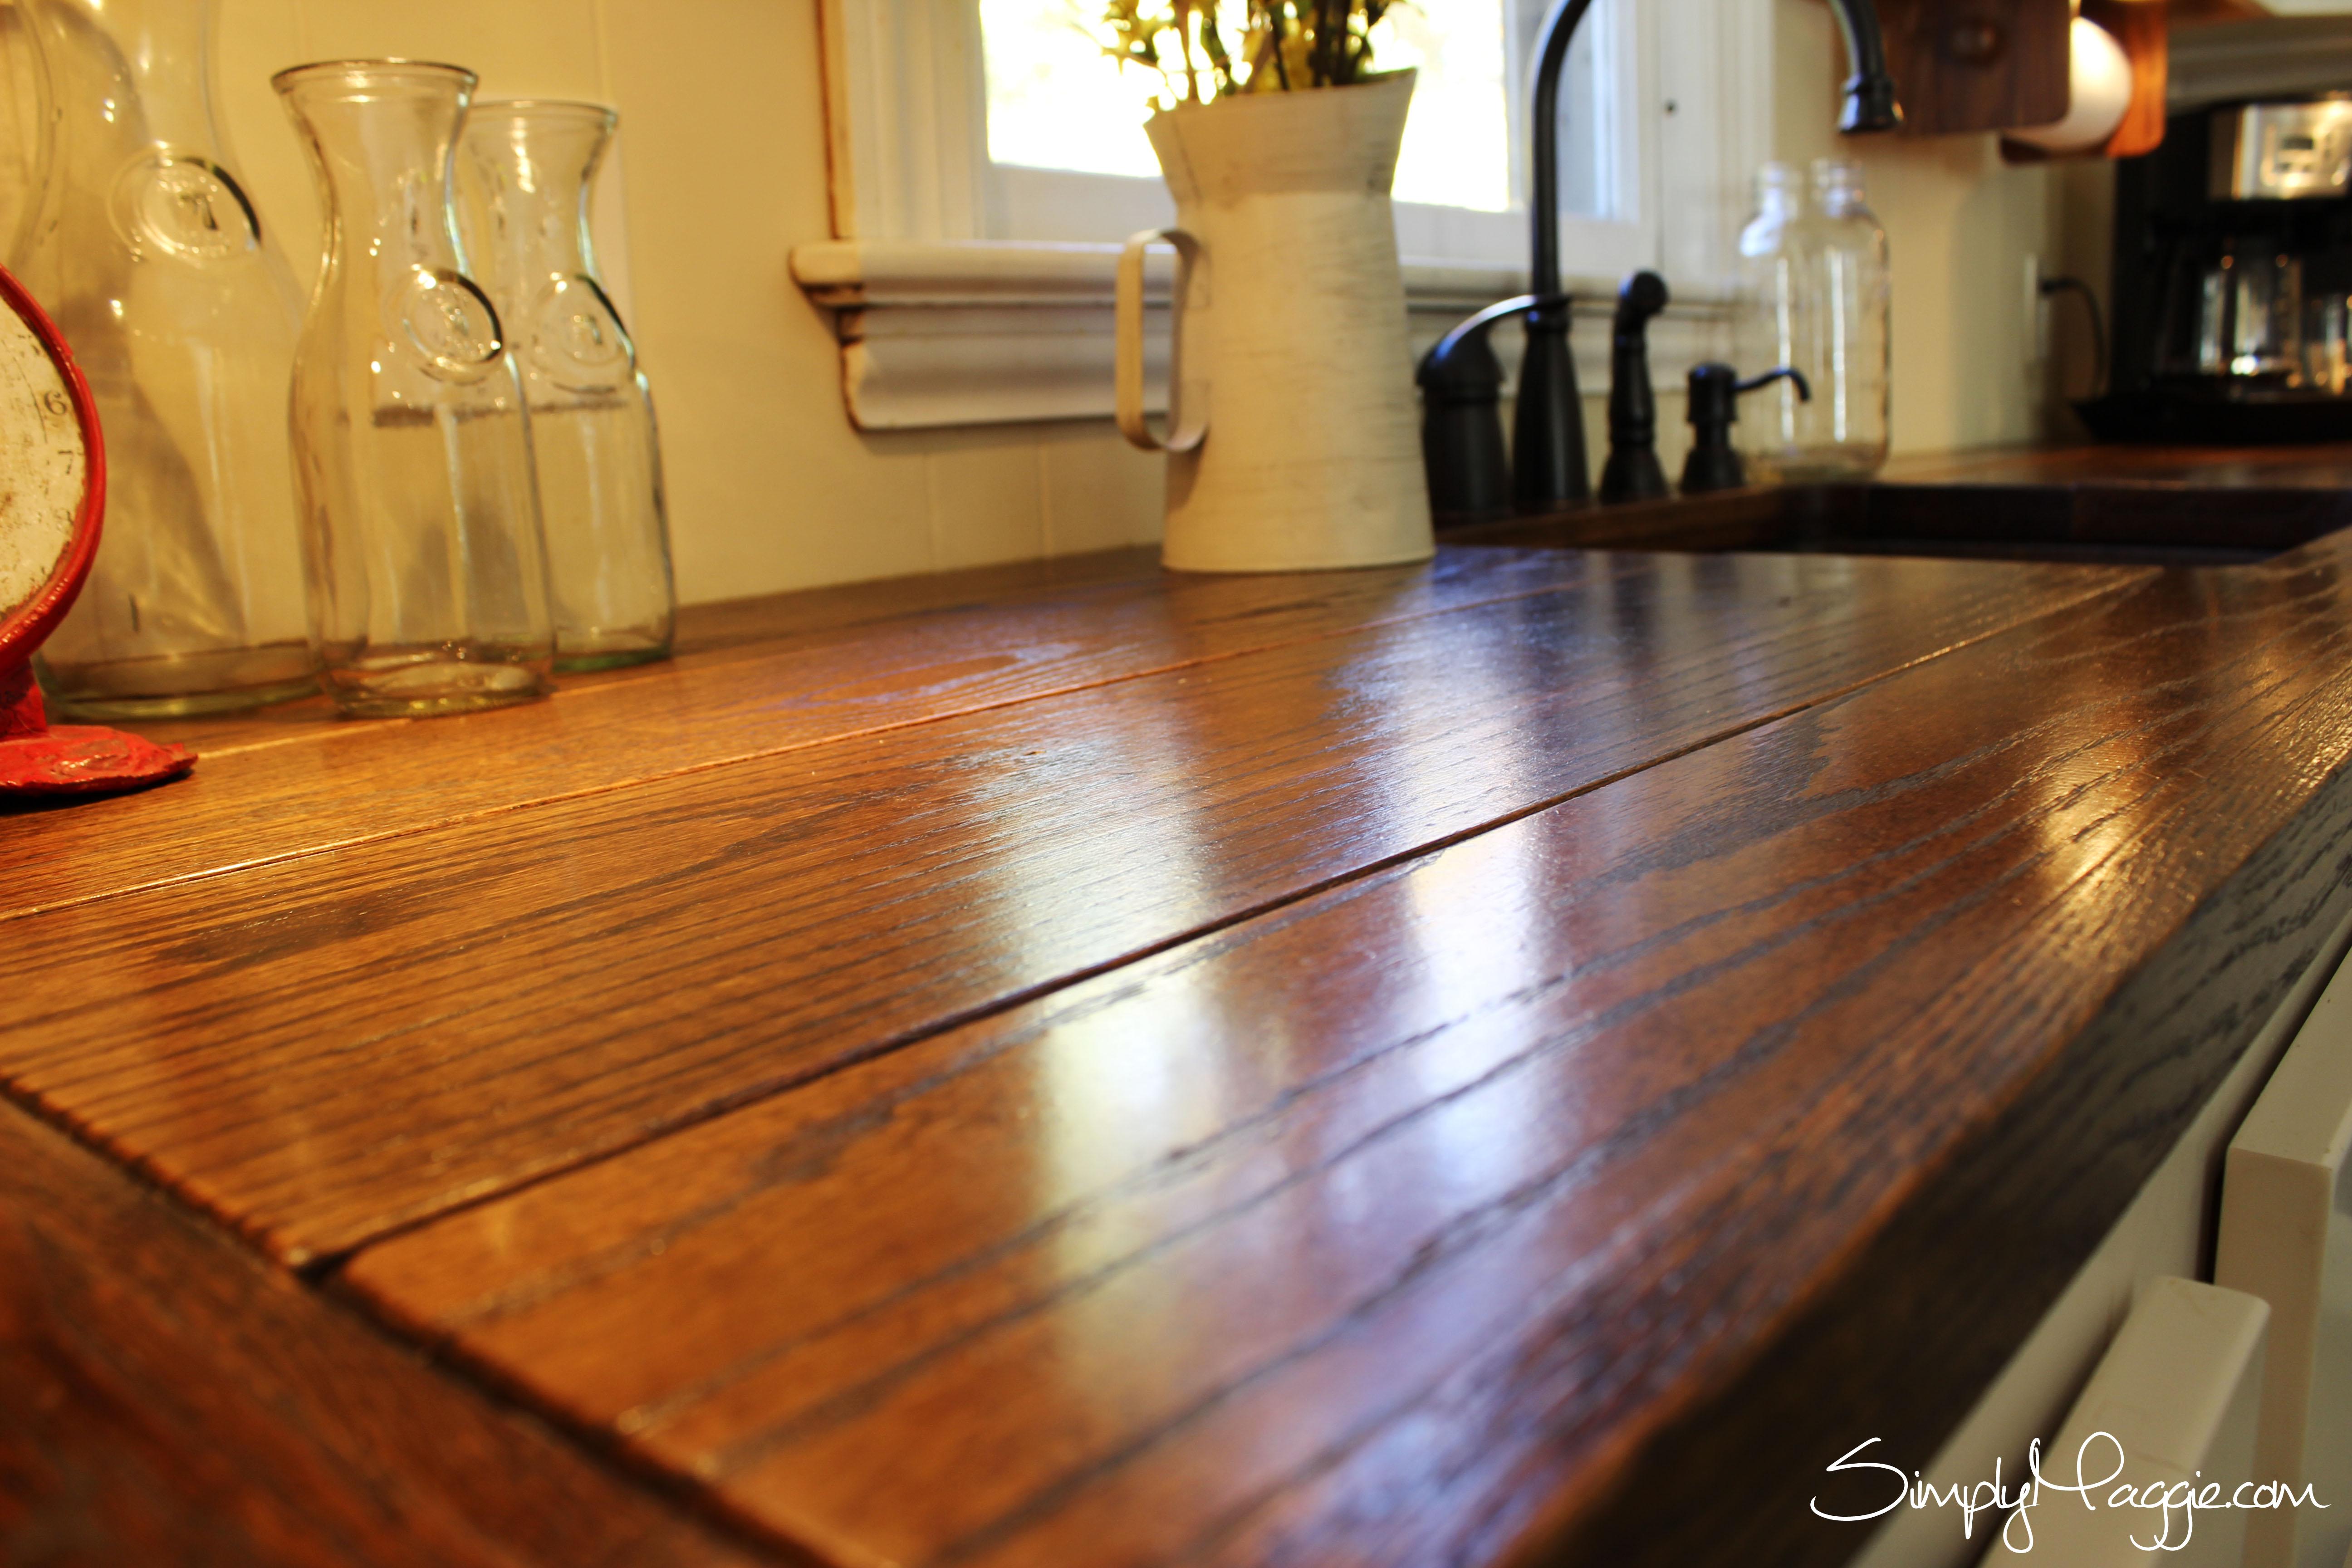 diy wooden kitchen countertops wooden kitchen countertops Diy Wide Plank Butcher Block Counter Tops Simplymaggie